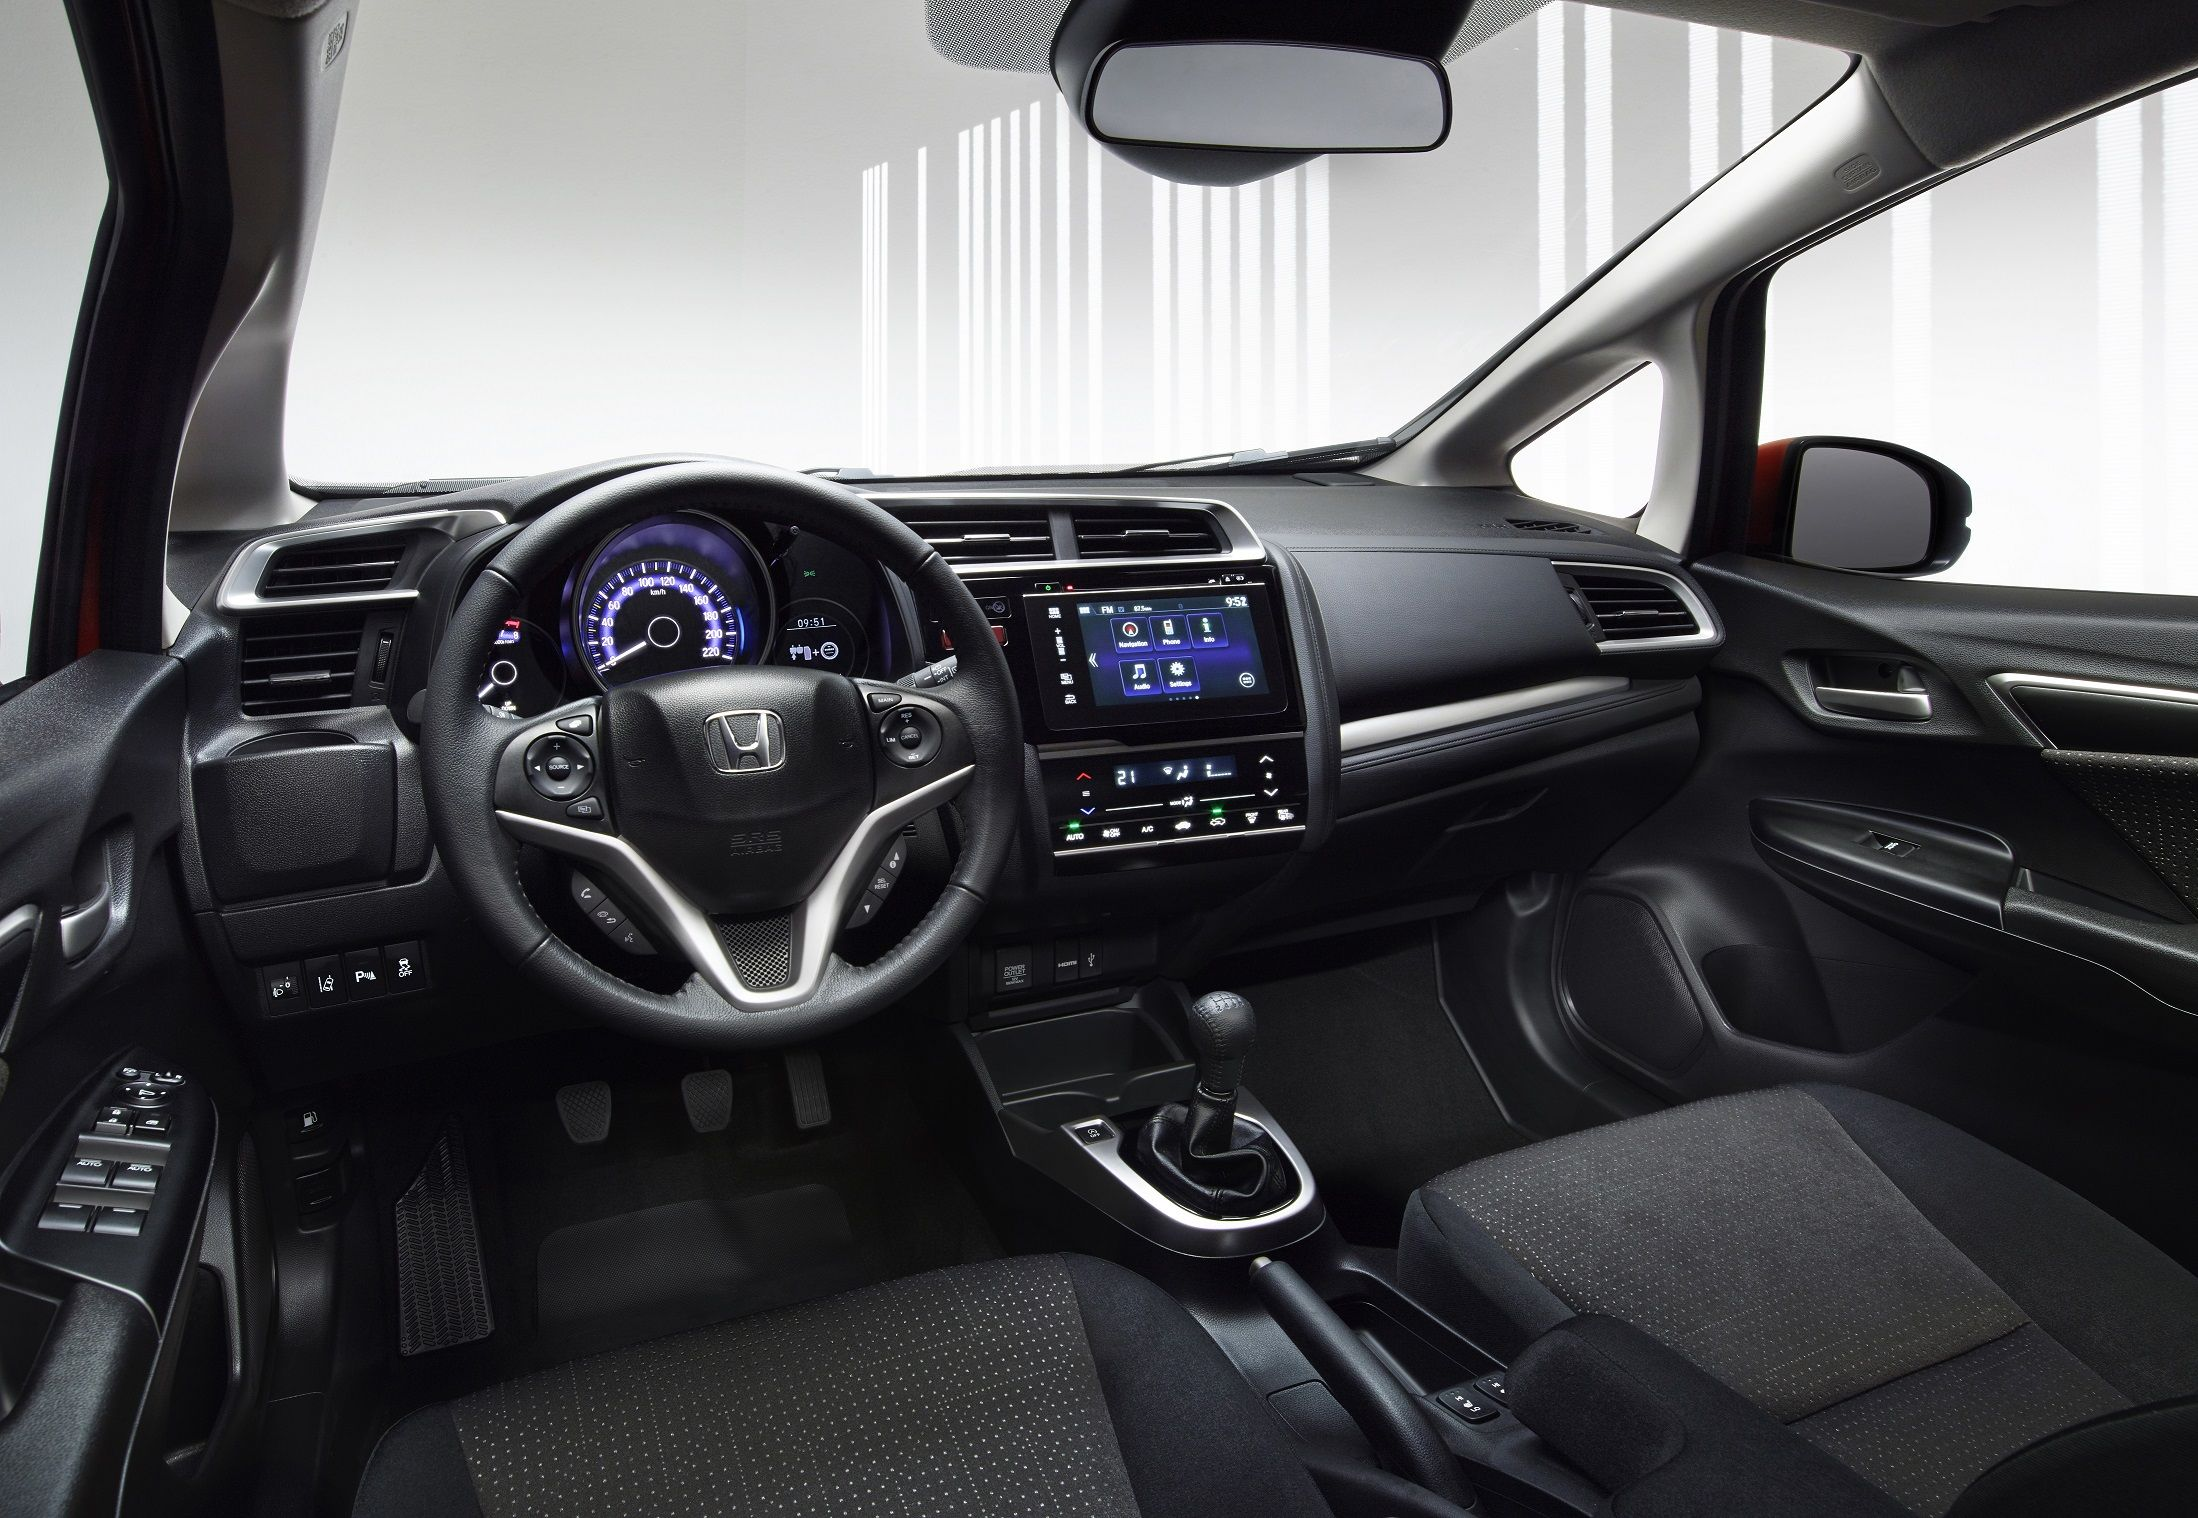 The Interior Of The New Honda Jazz Honda Fit Honda Jazz New Honda